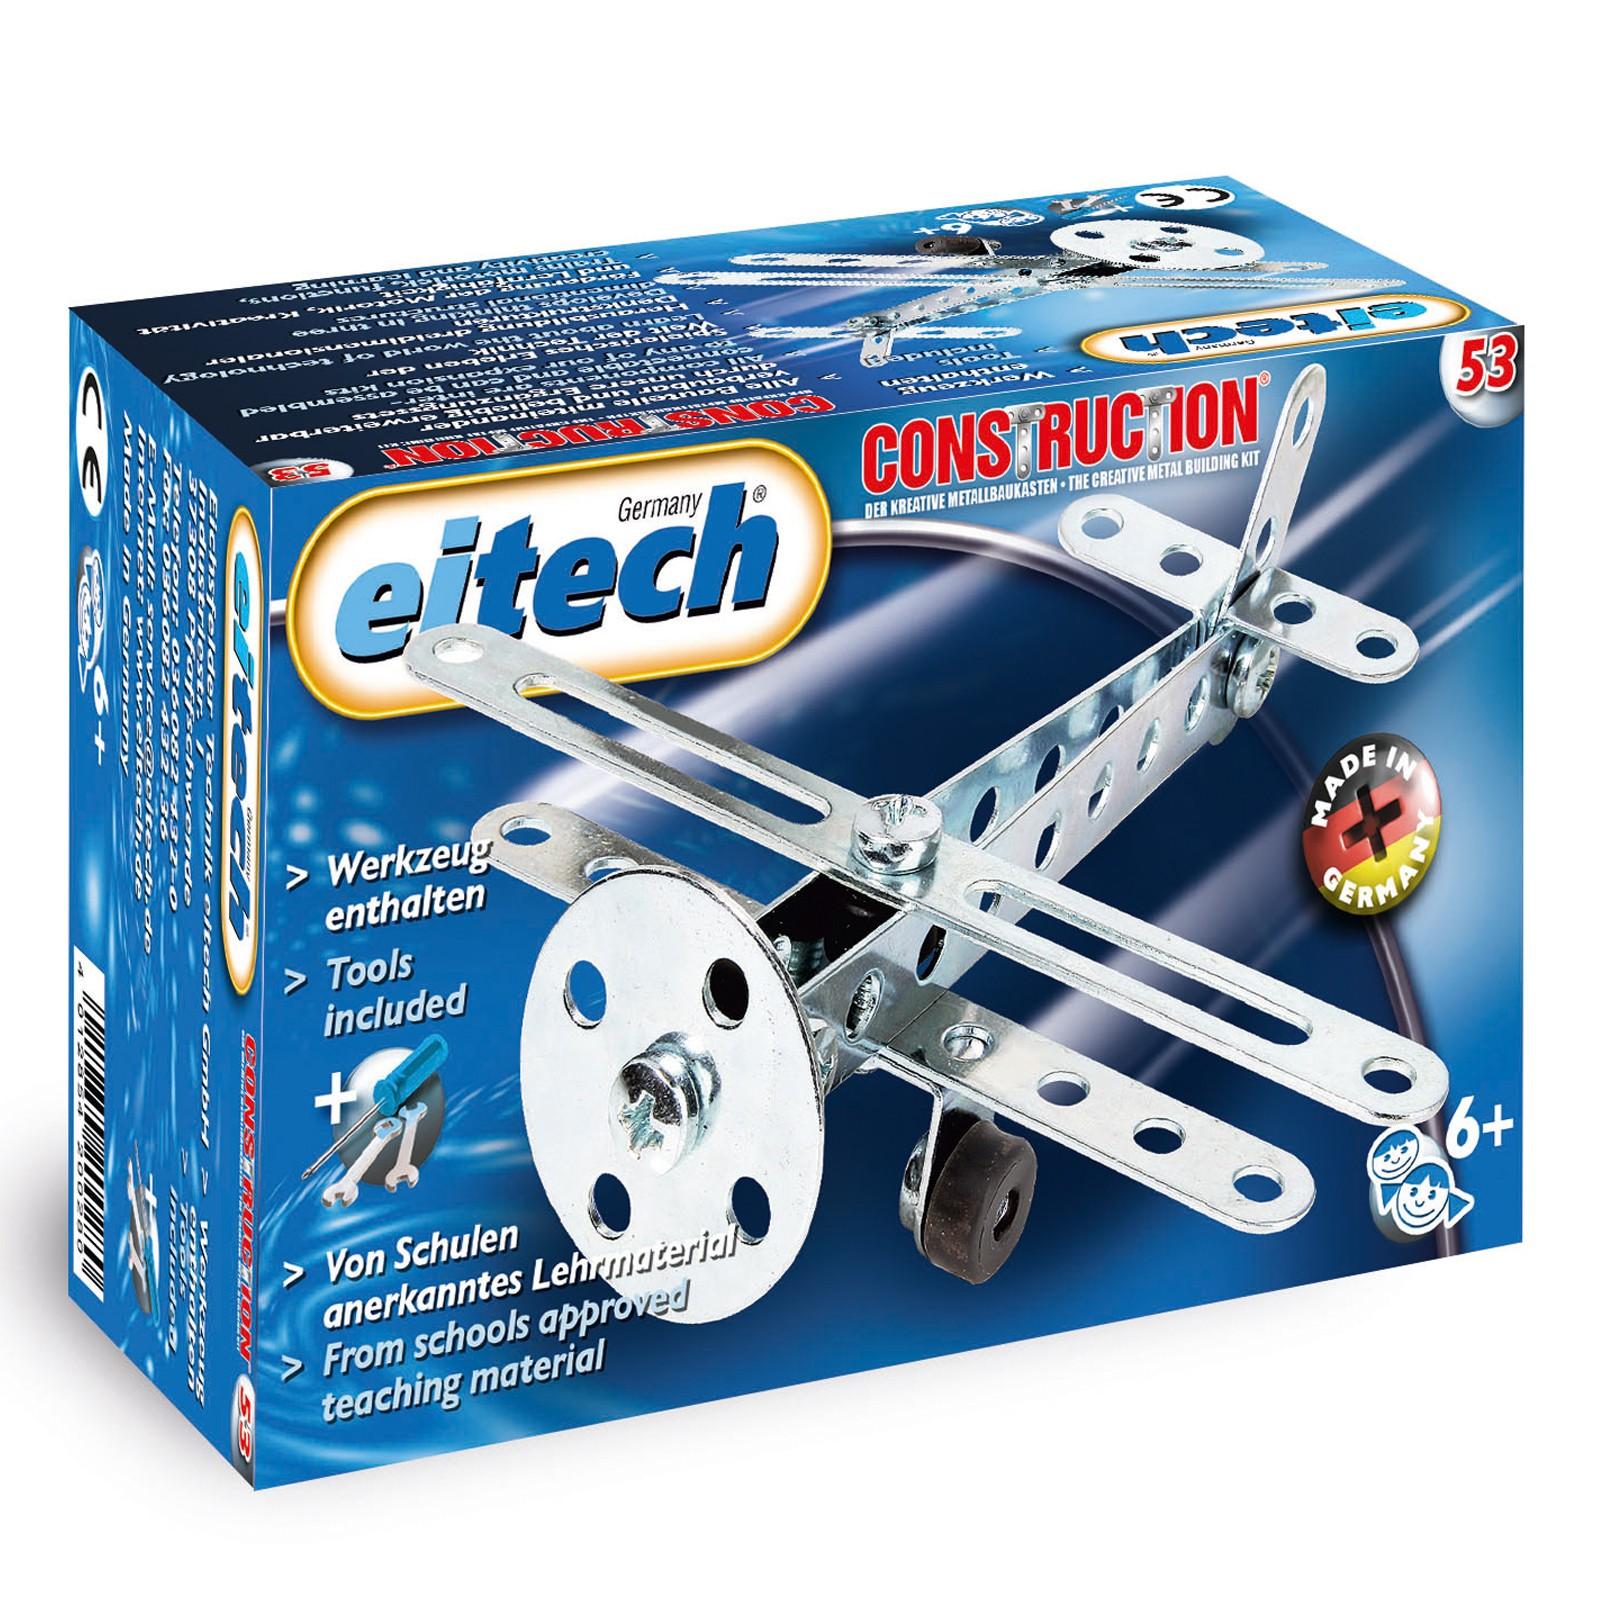 EITECH Metallbaukasten Flugzeug